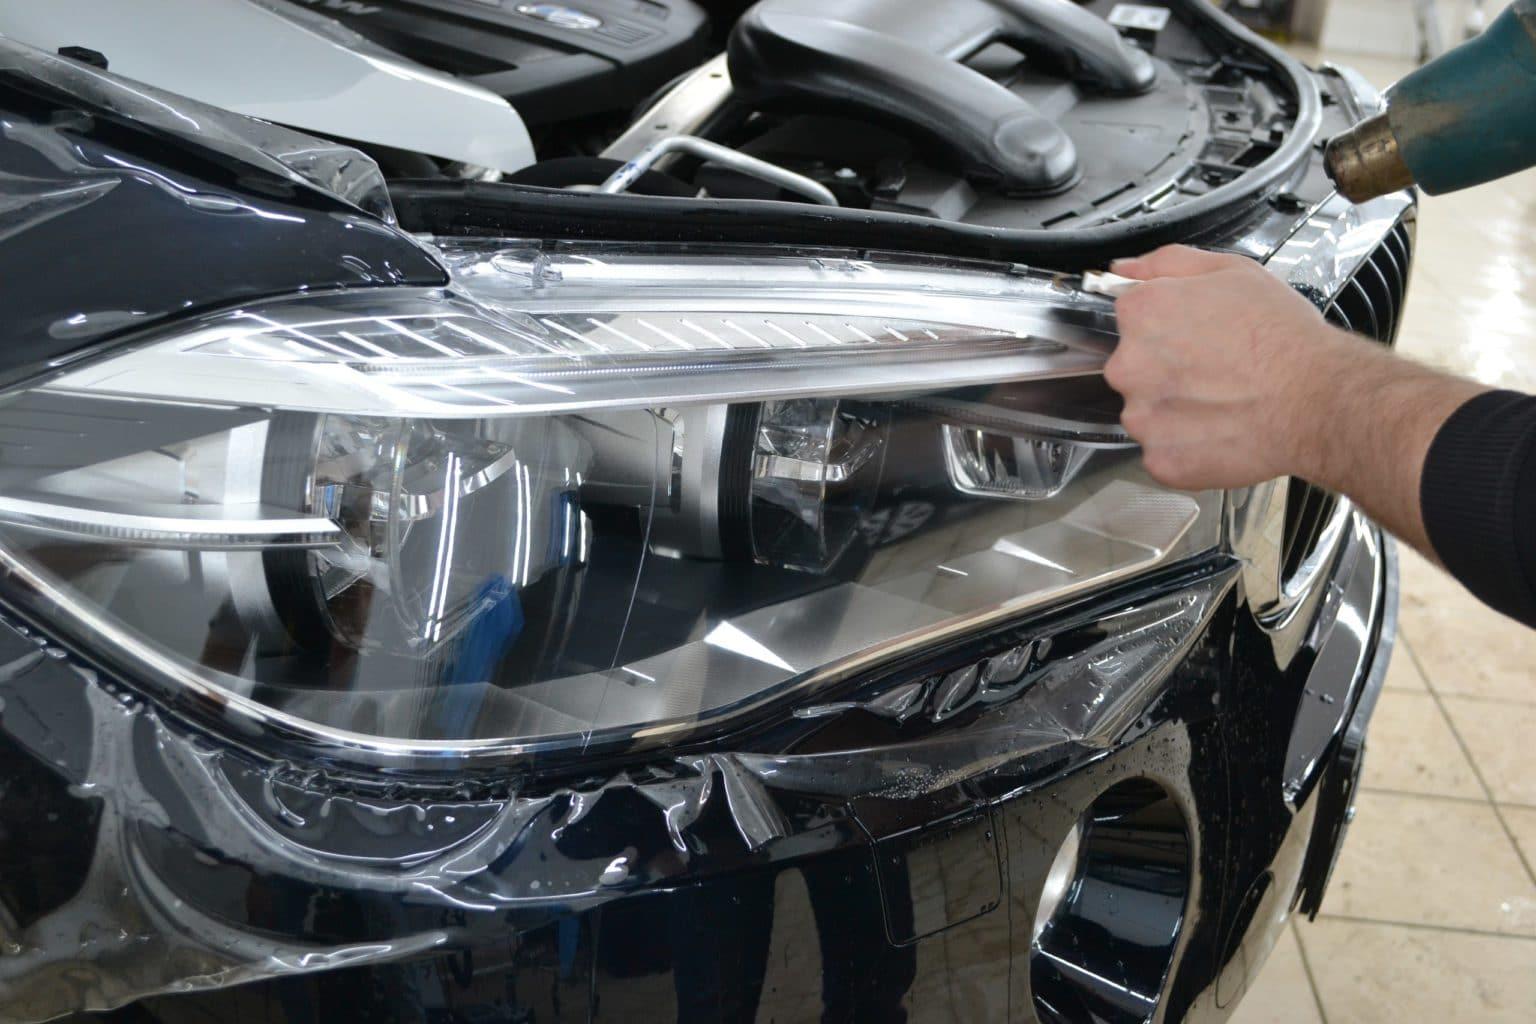 представляет, фото защитных пленок на фары авто инструкция применению, отзывы